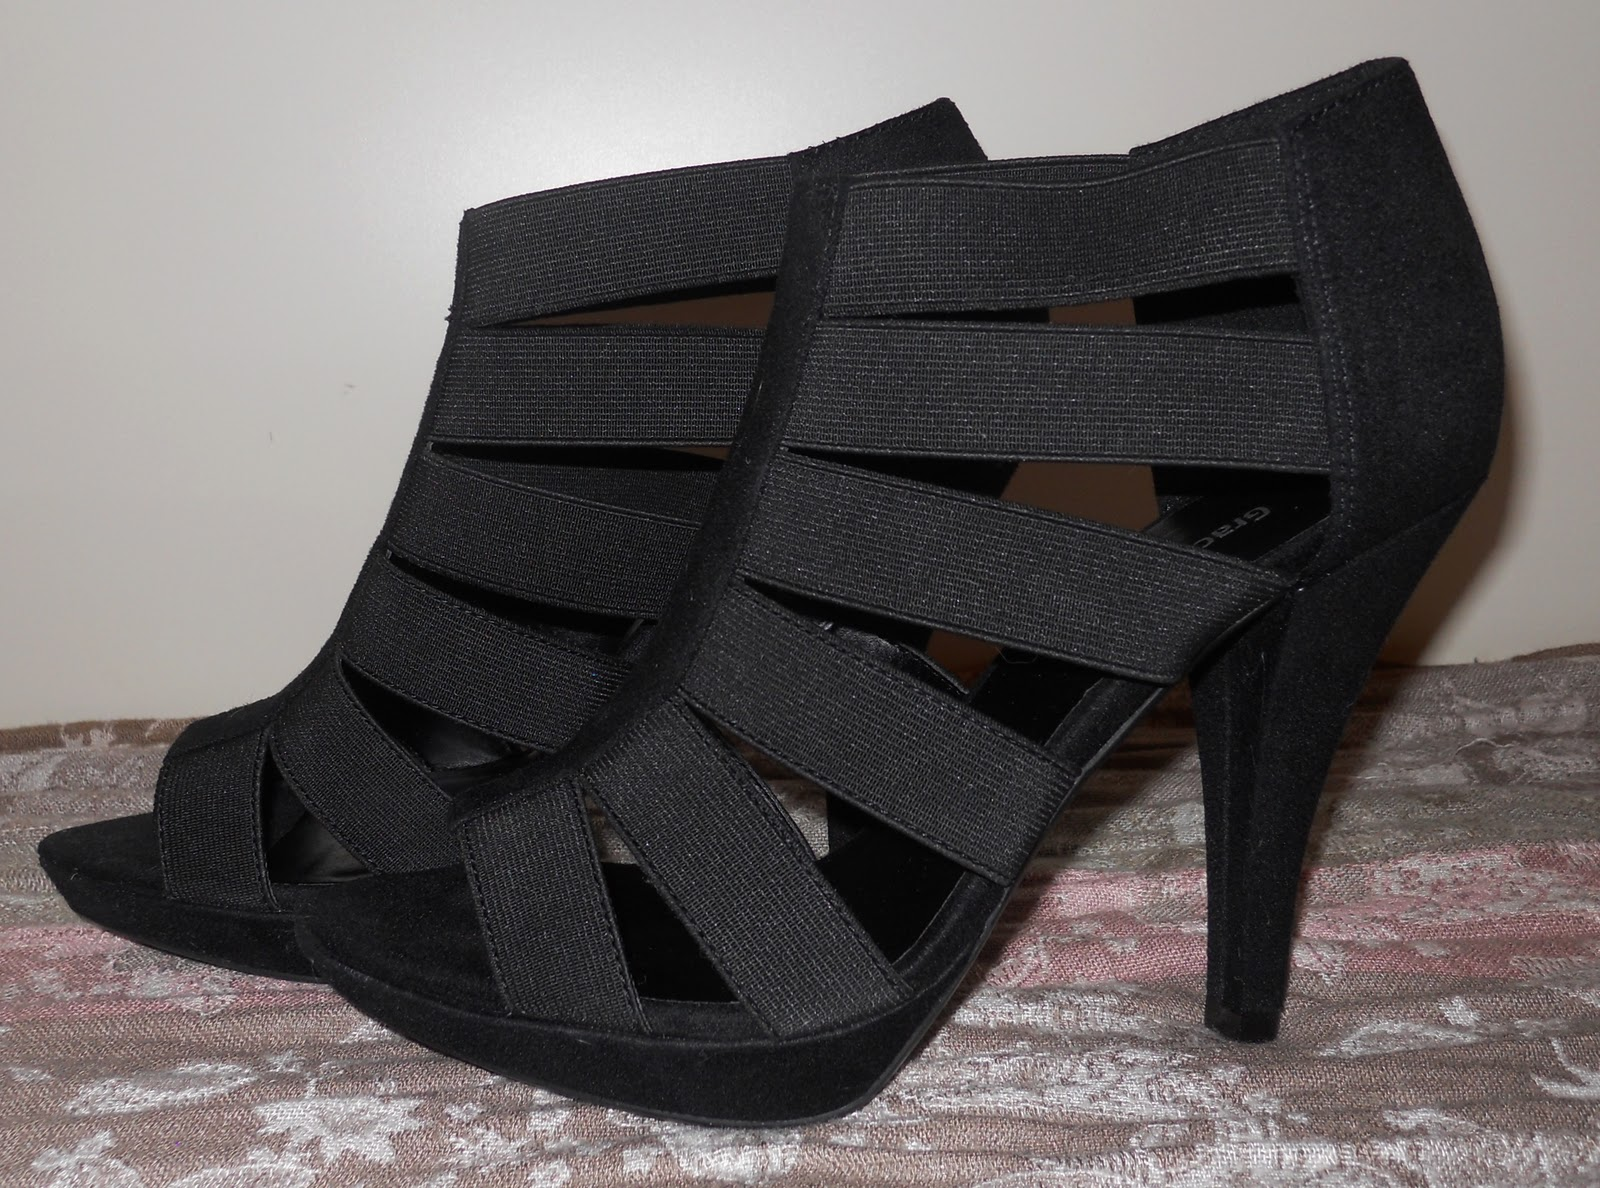 Schöne-Füße-ohne-Blasen-in-Riemchen-High-Heels » AVON Blog